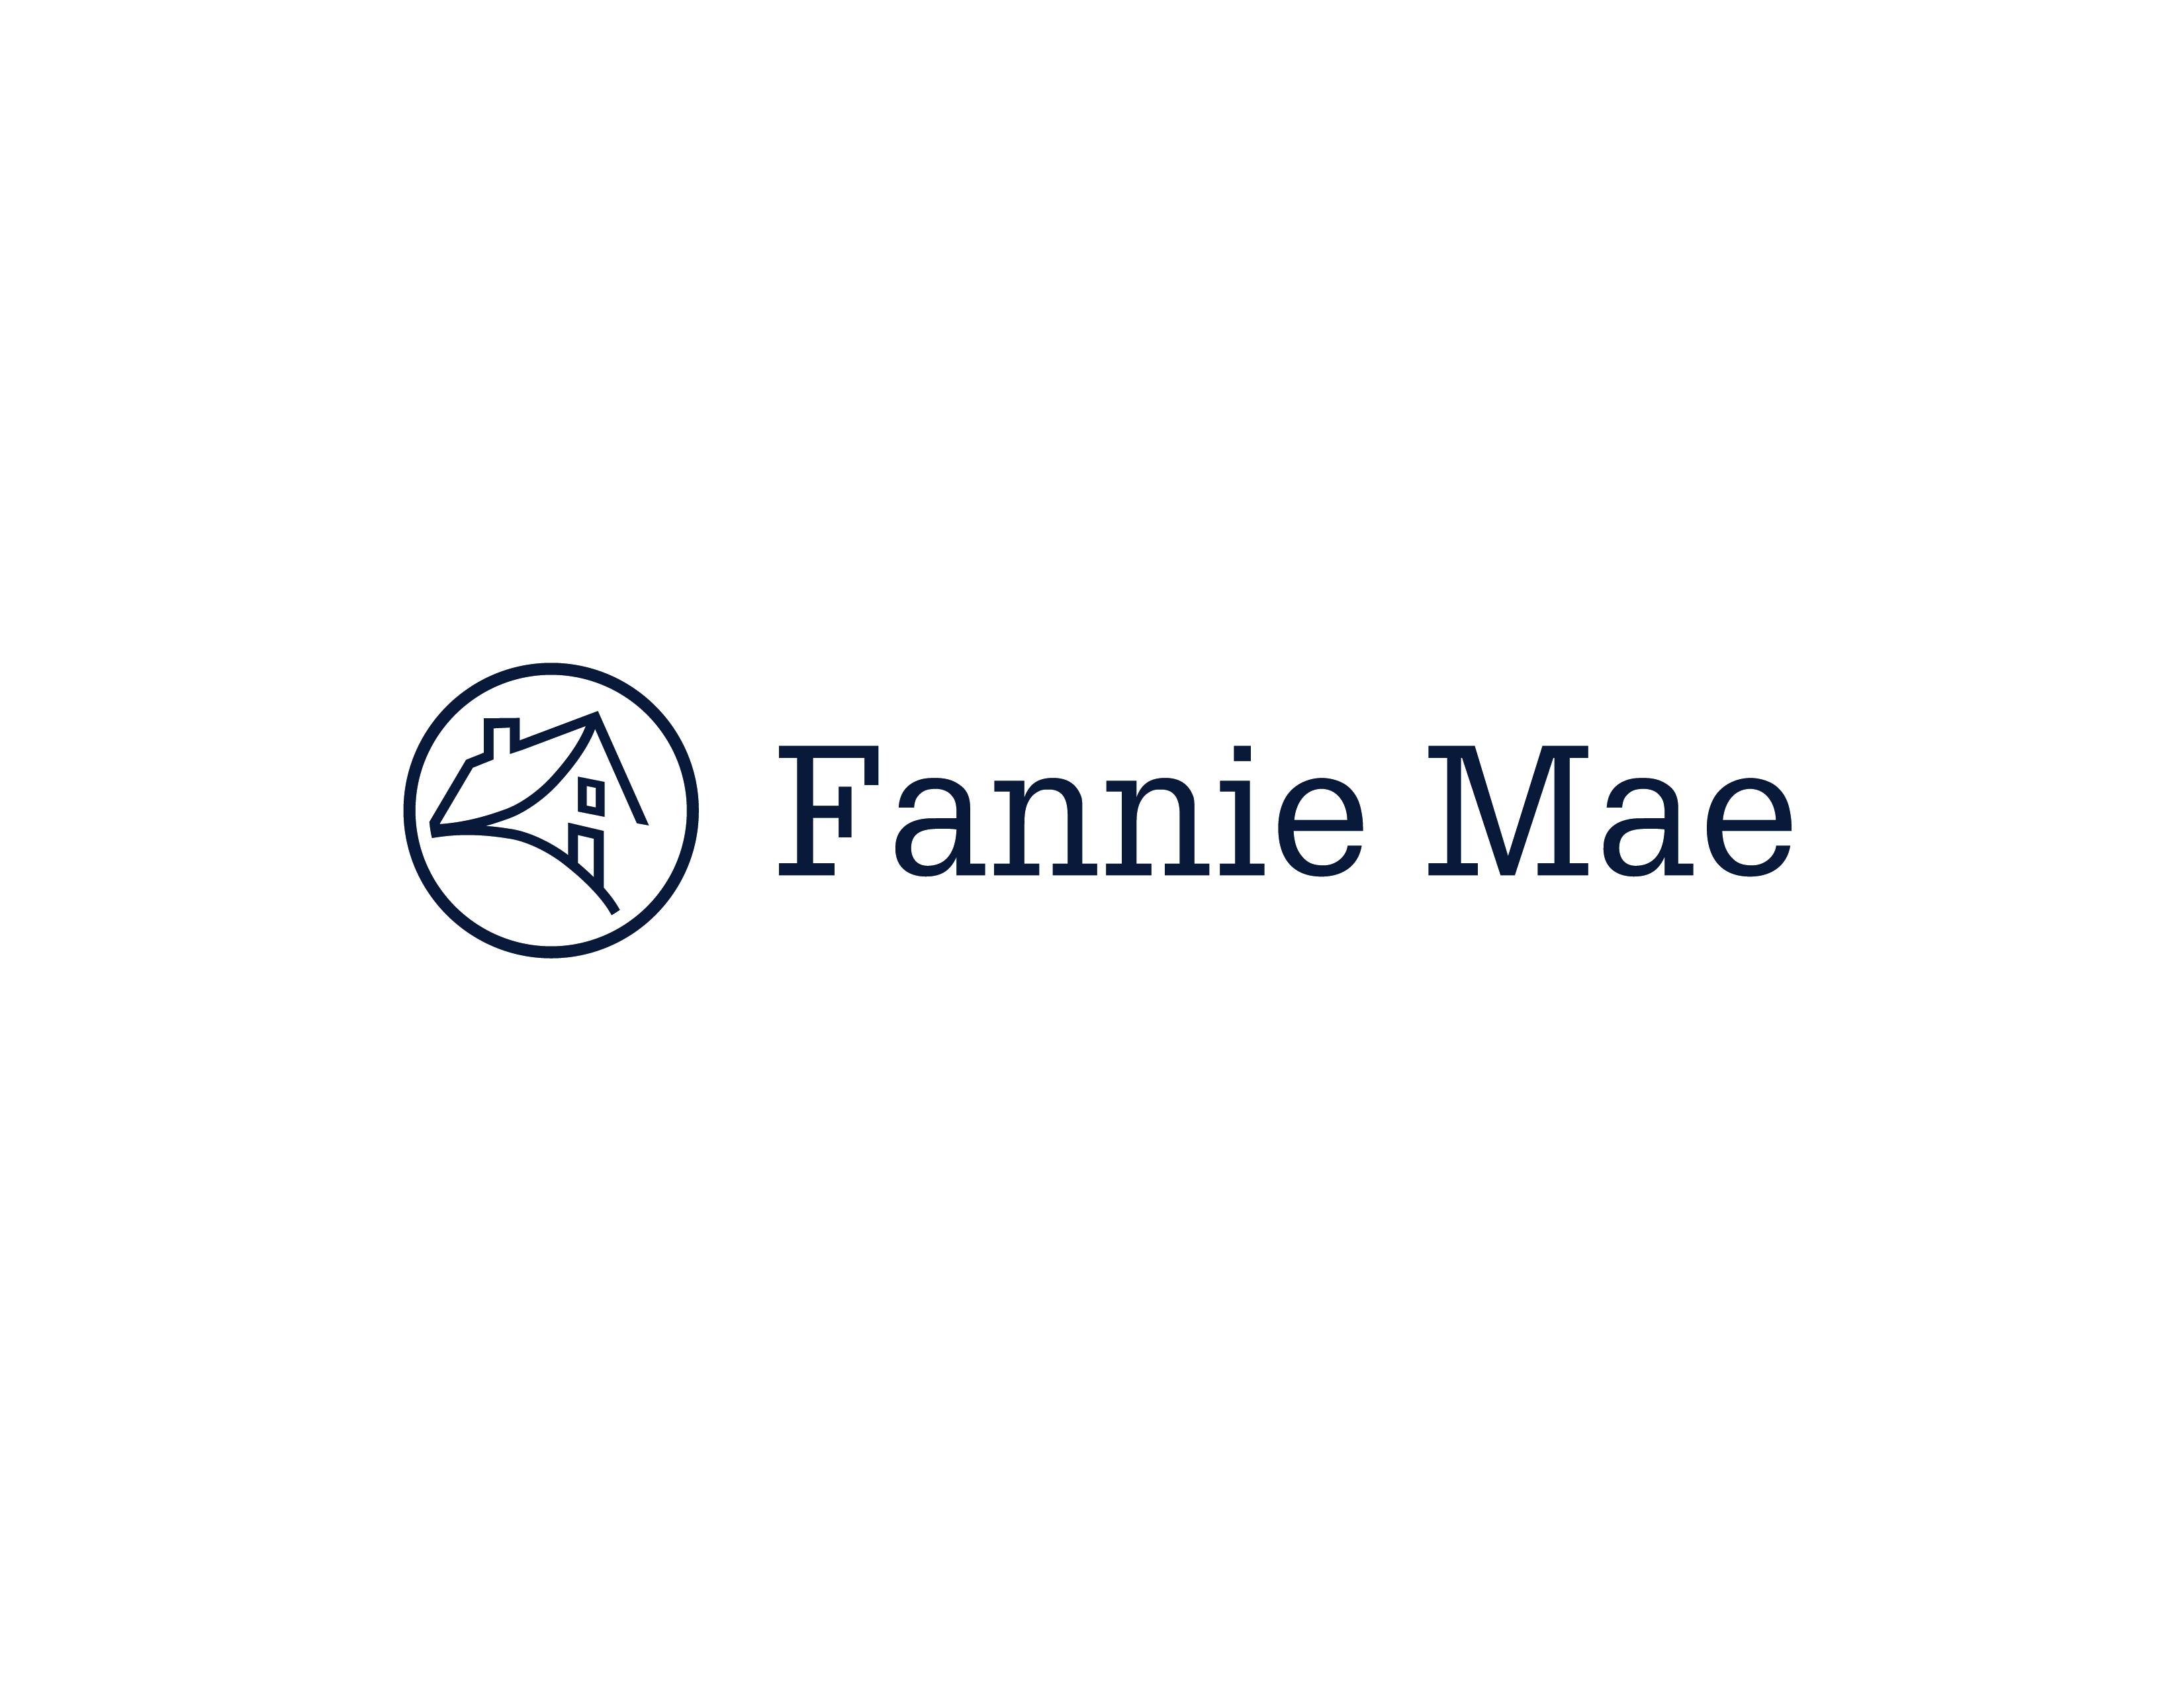 Search freddie mac